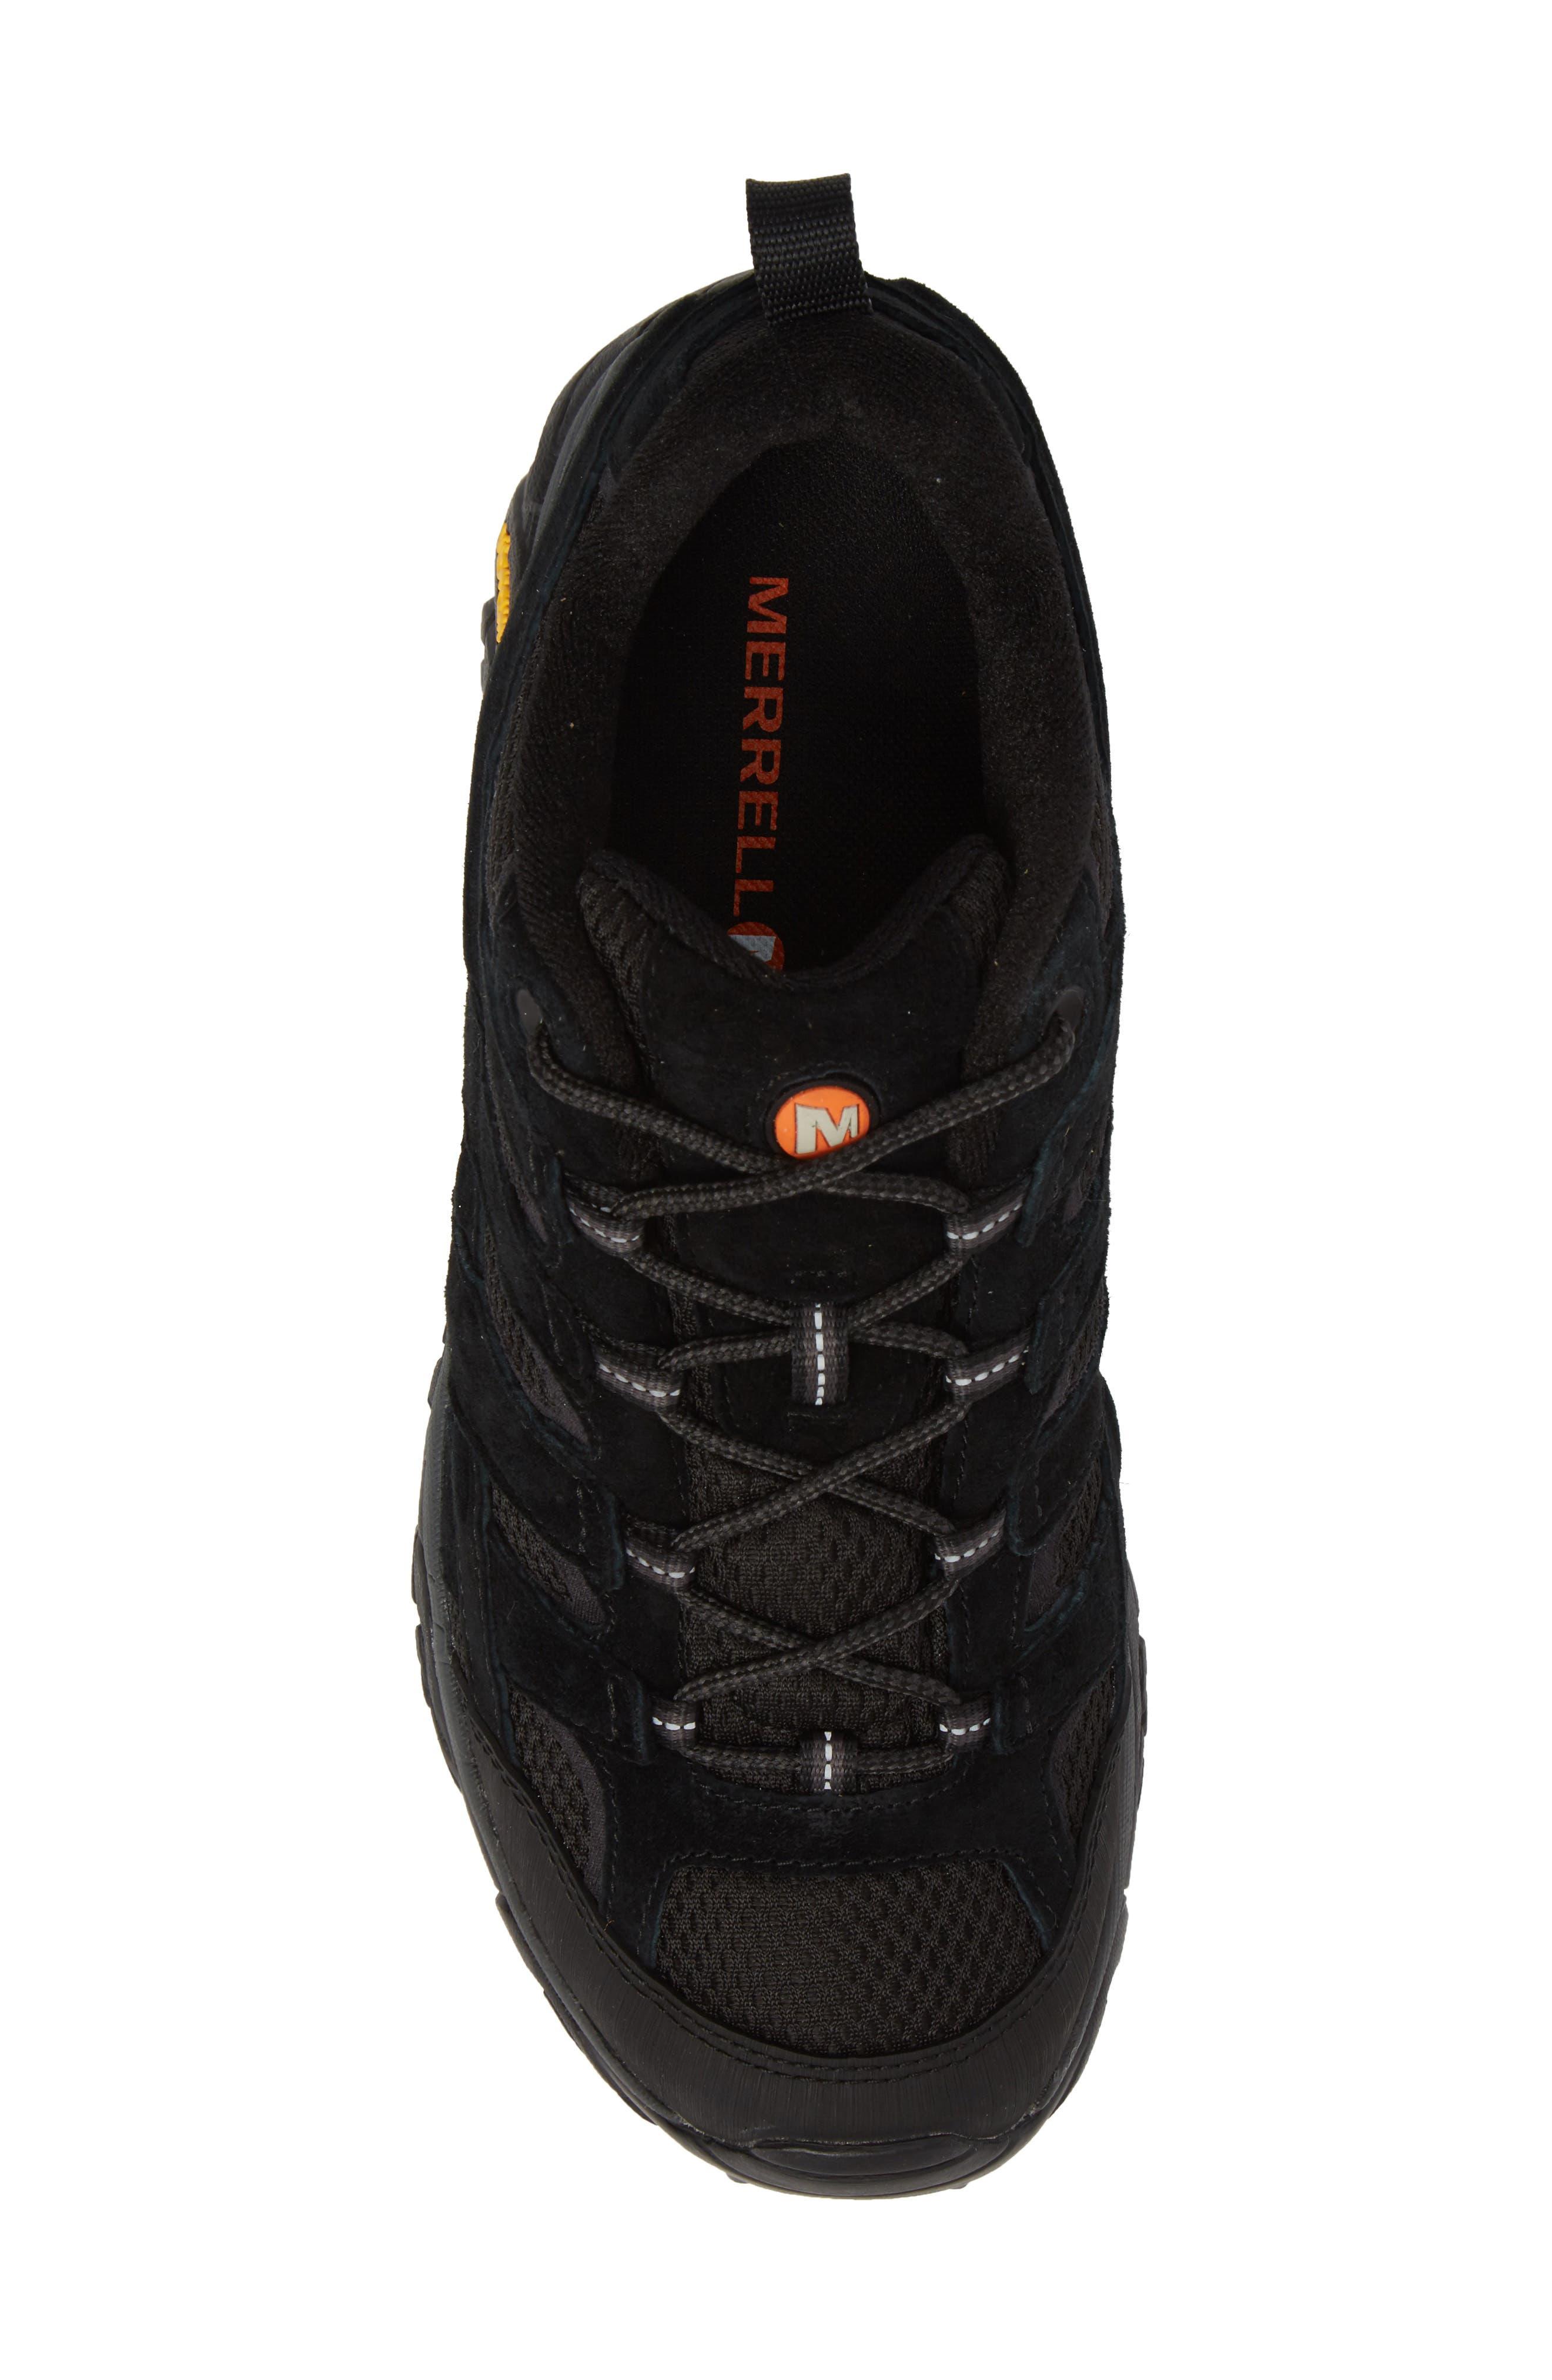 MERRELL, Moab 2 Ventilator Hiking Shoe, Alternate thumbnail 5, color, BLACK NIGHT